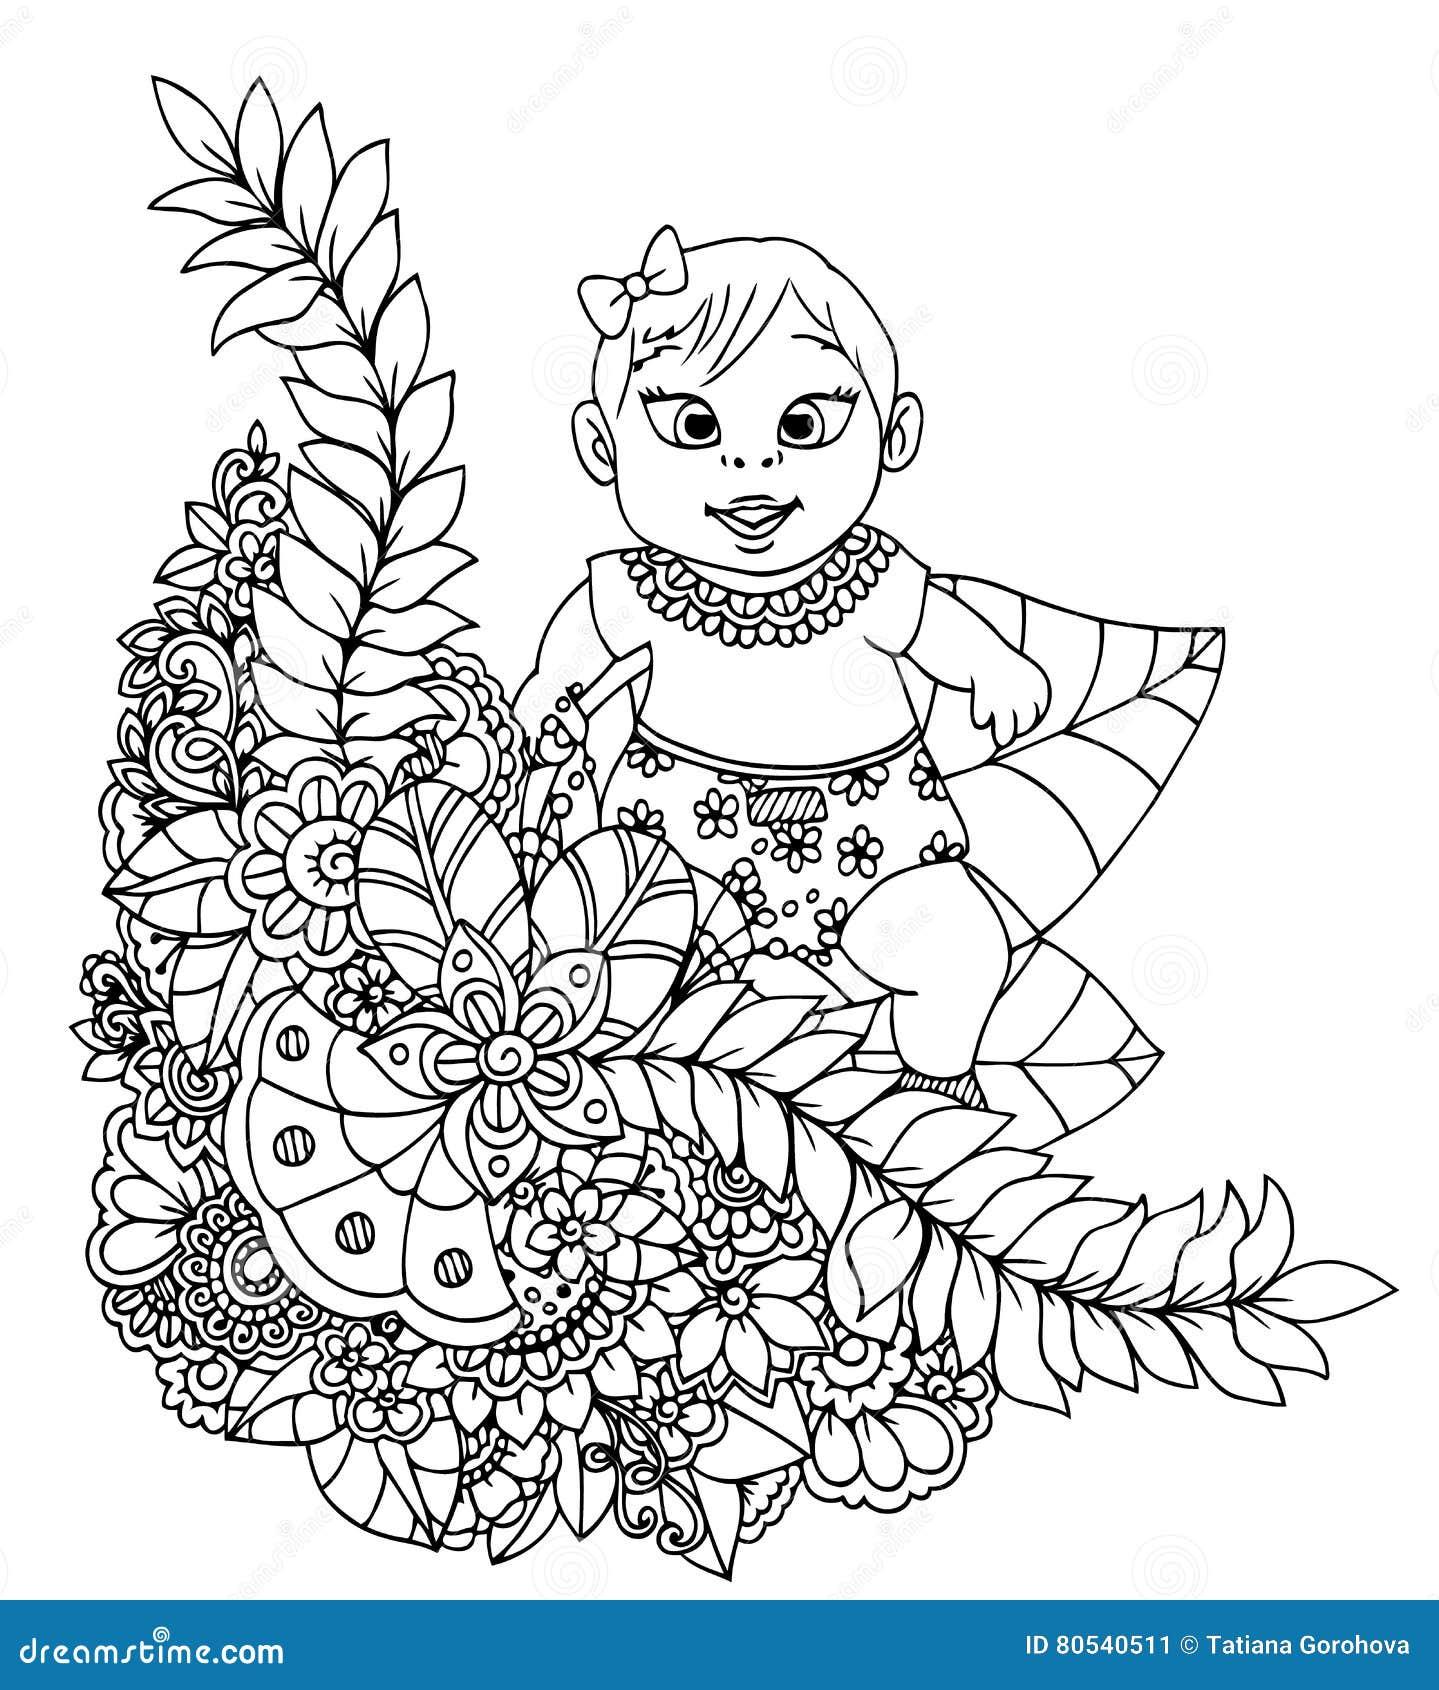 Coloriage Bebe Fleurs.Dirigez Le Zentangl D Illustration Bebe Dans Un Cadre De Fleur